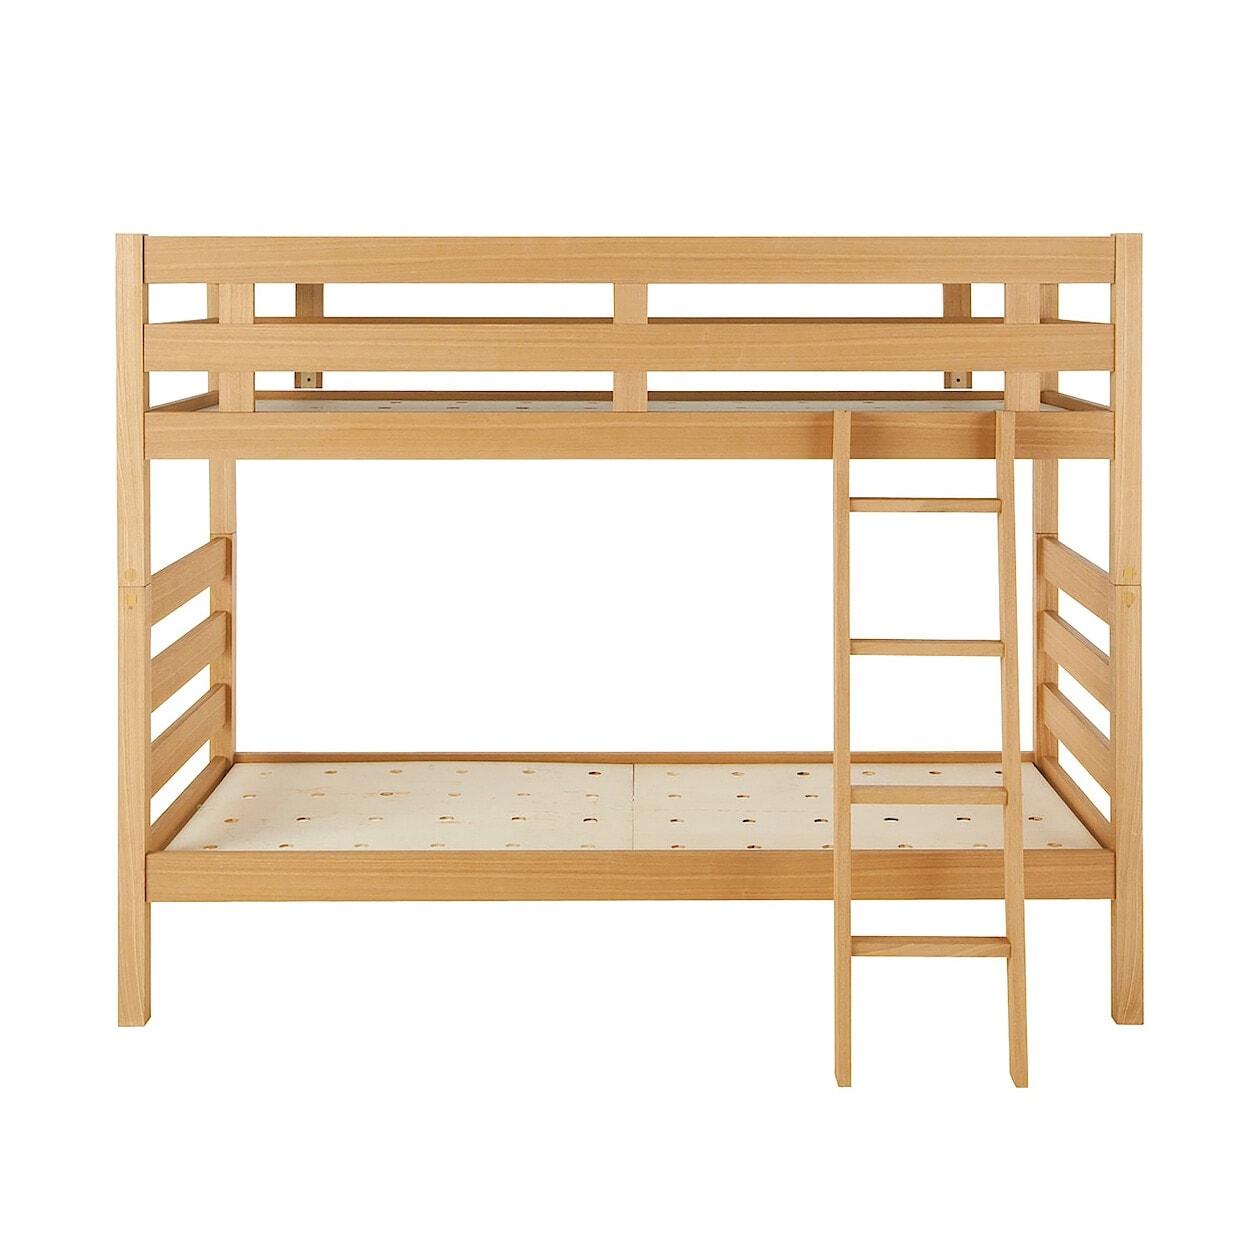 無印良品 木製2段ベッド オーク材突板